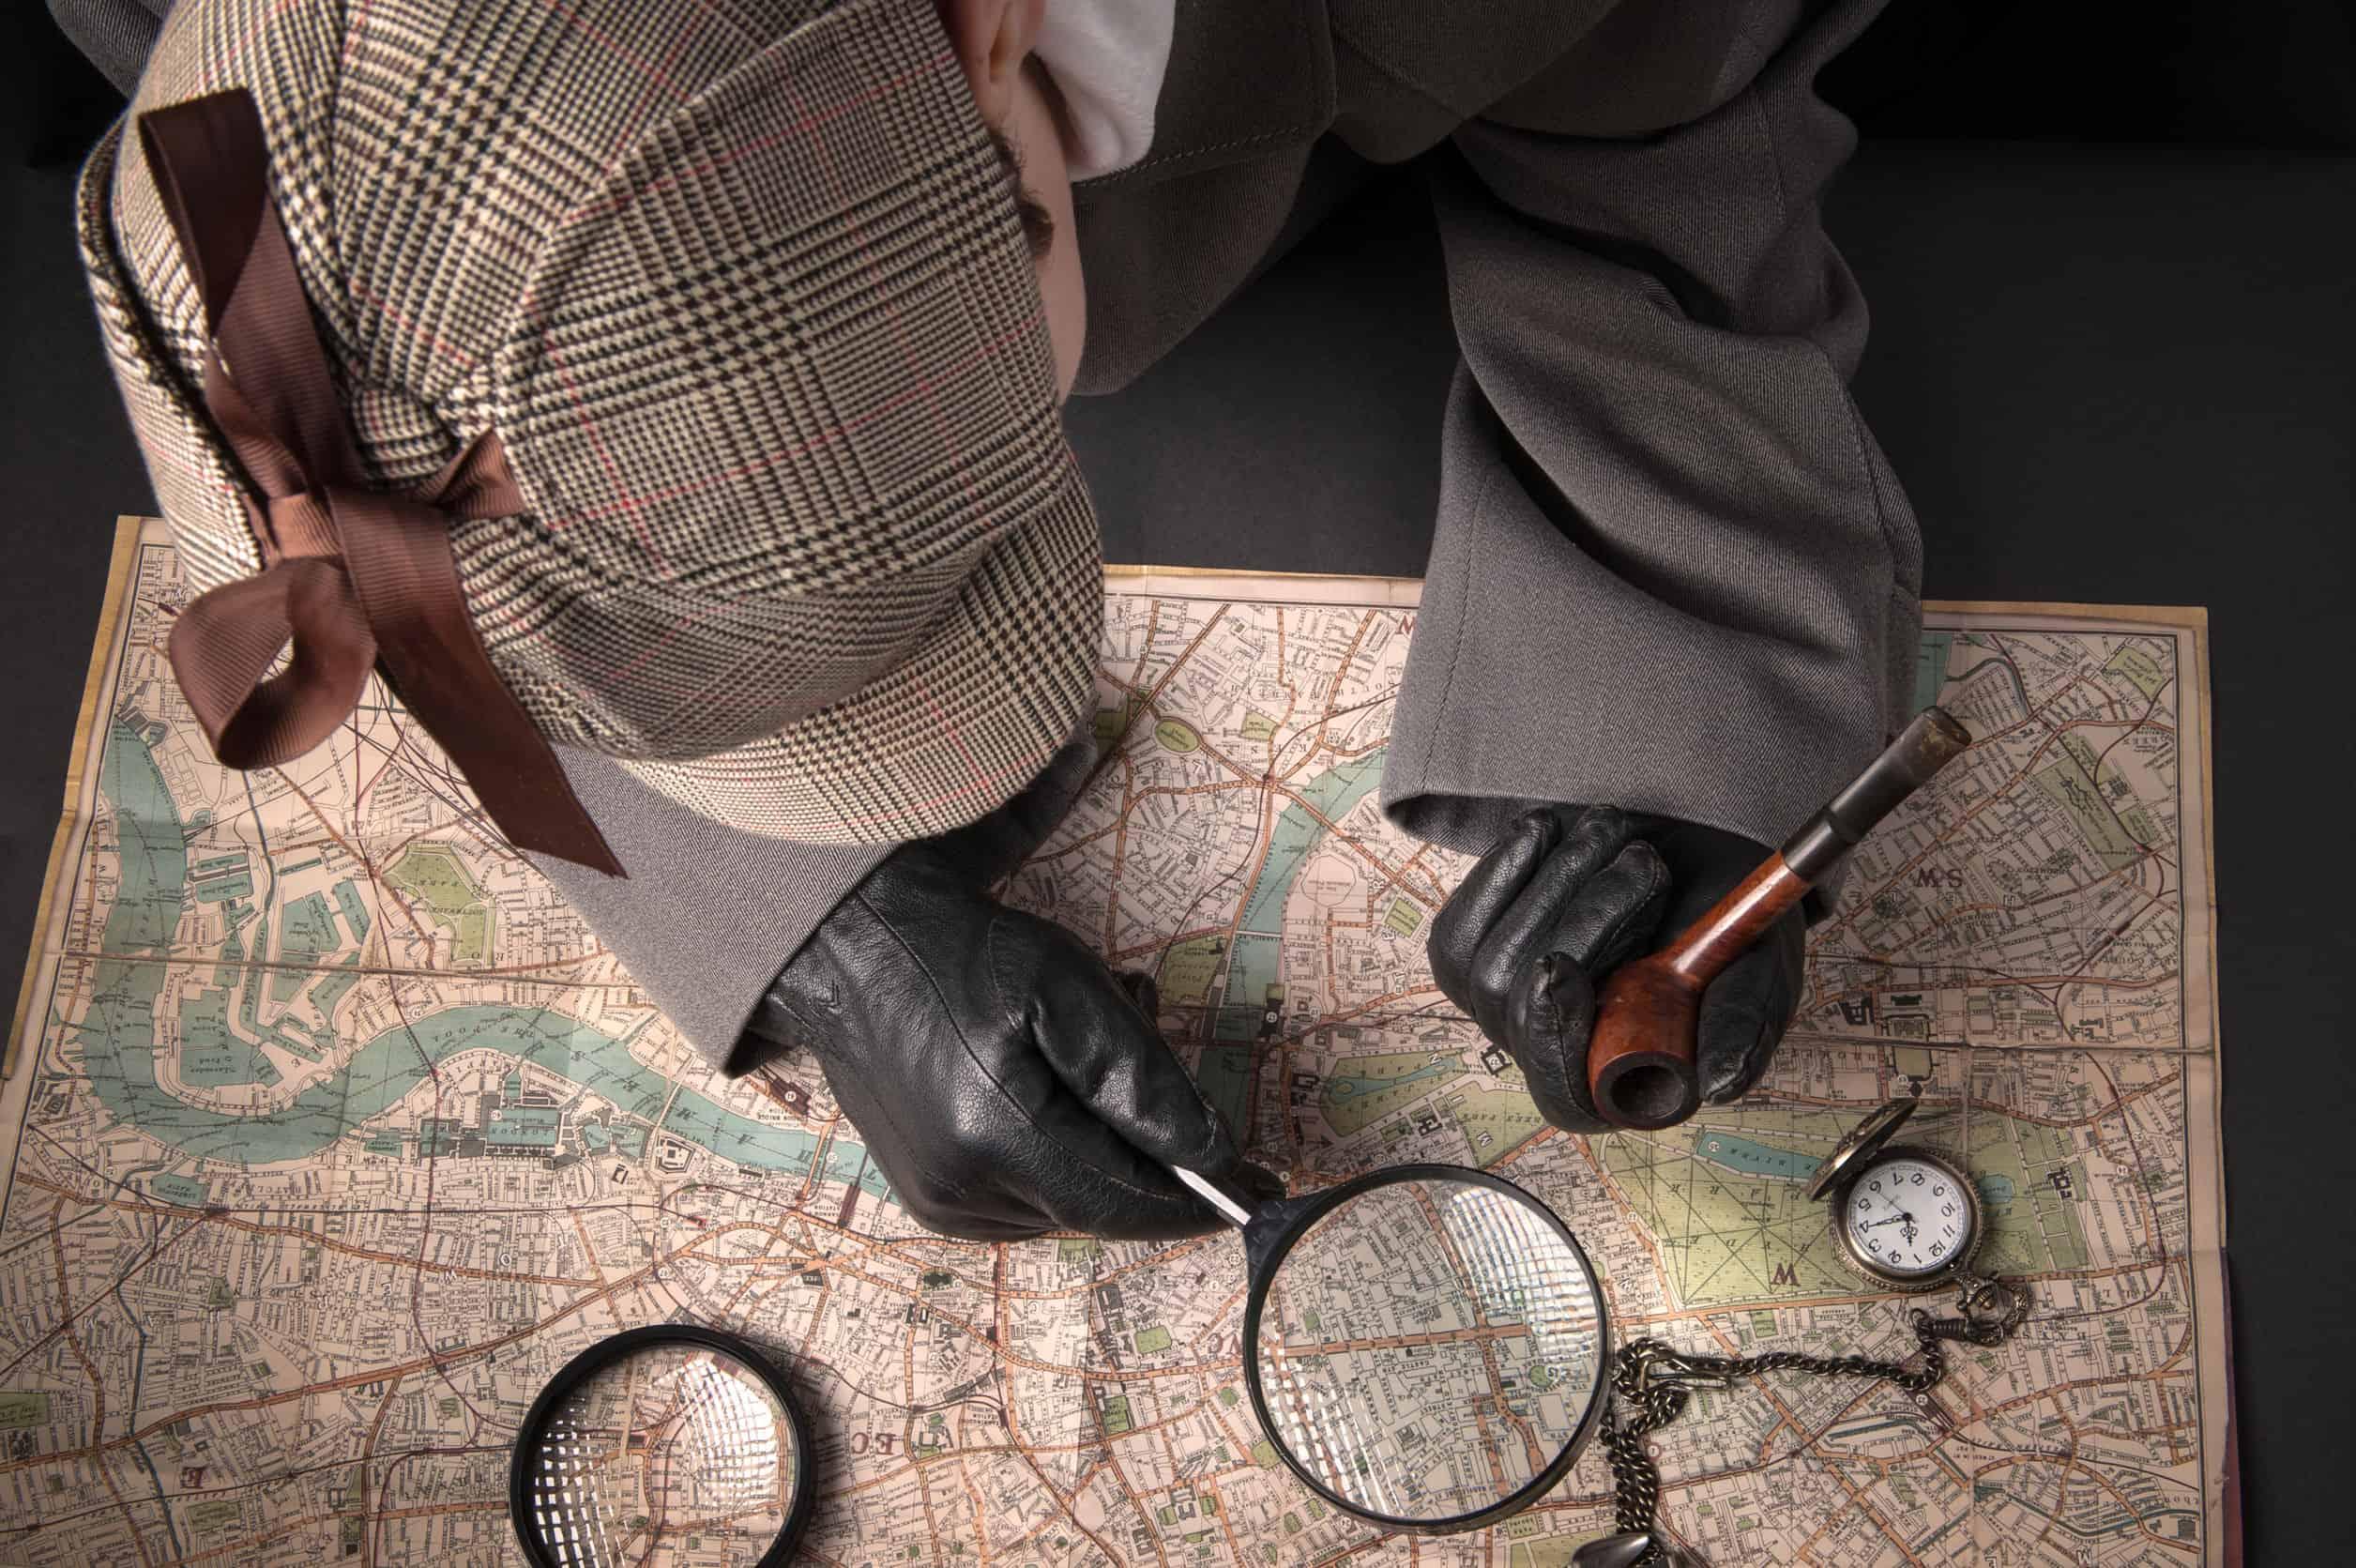 Detetive visto de cima, com boné, luvas e segurando uma caneta em uma mão e uma lupa na outra, analisando um mapa.